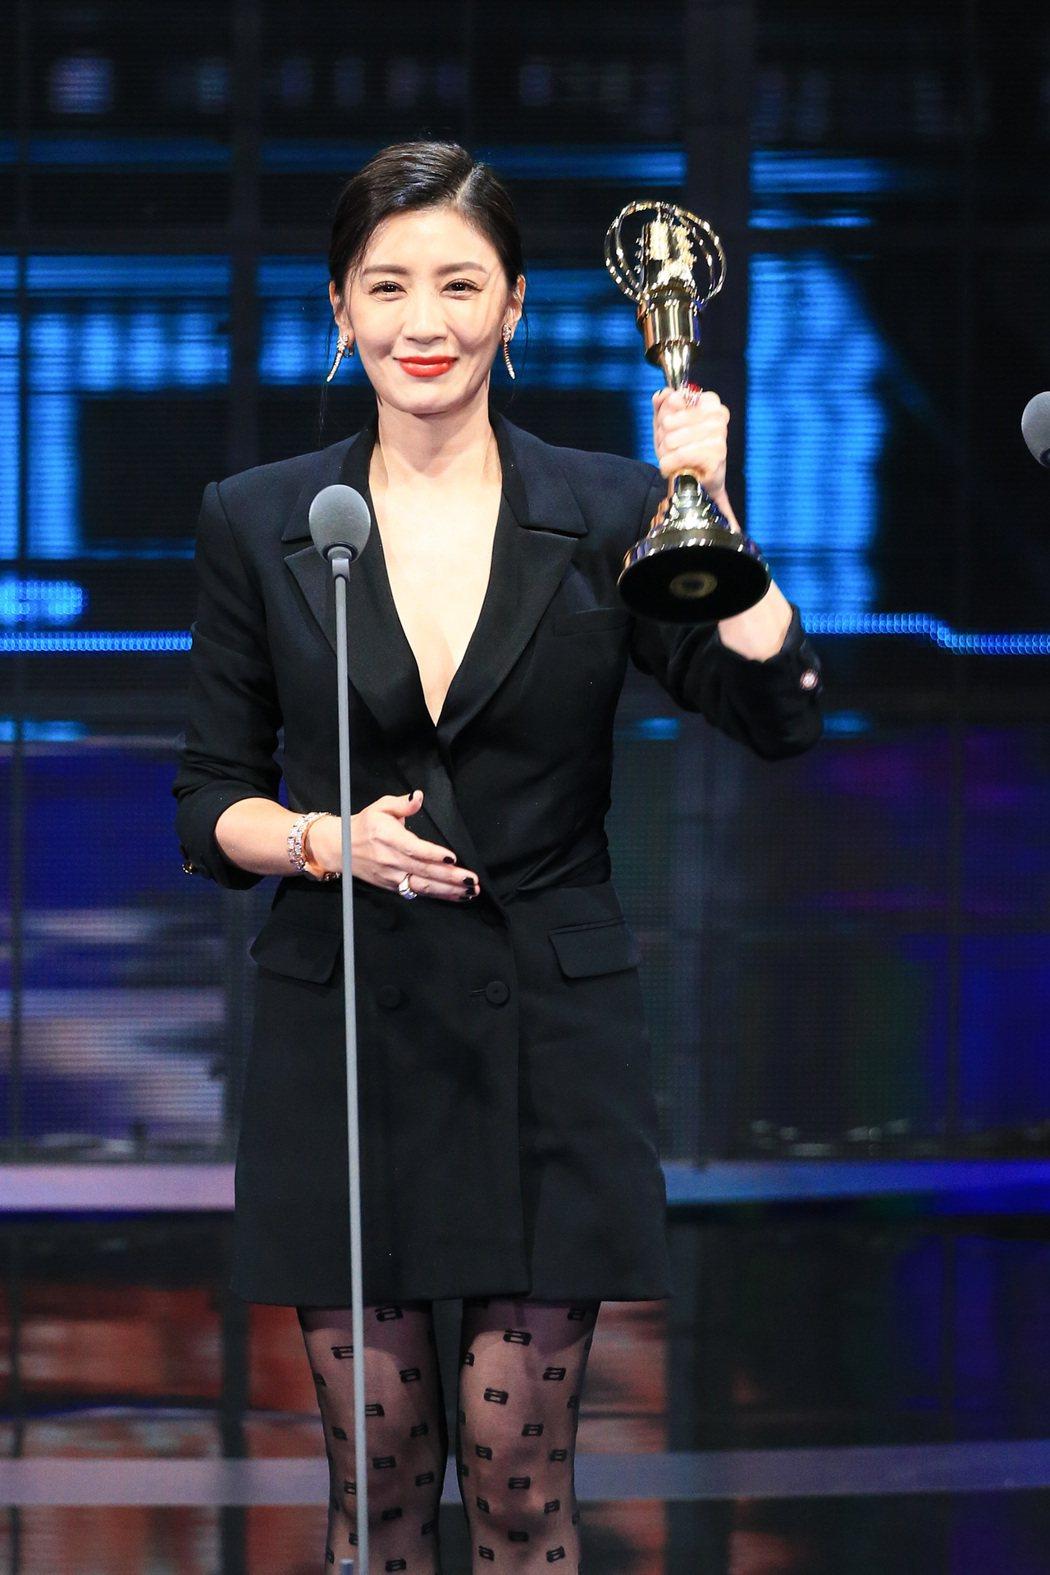 賈靜雯以「我們與惡的距離」獲得第54屆金鐘獎戲劇節目女主角獎。記者林伯東/攝影